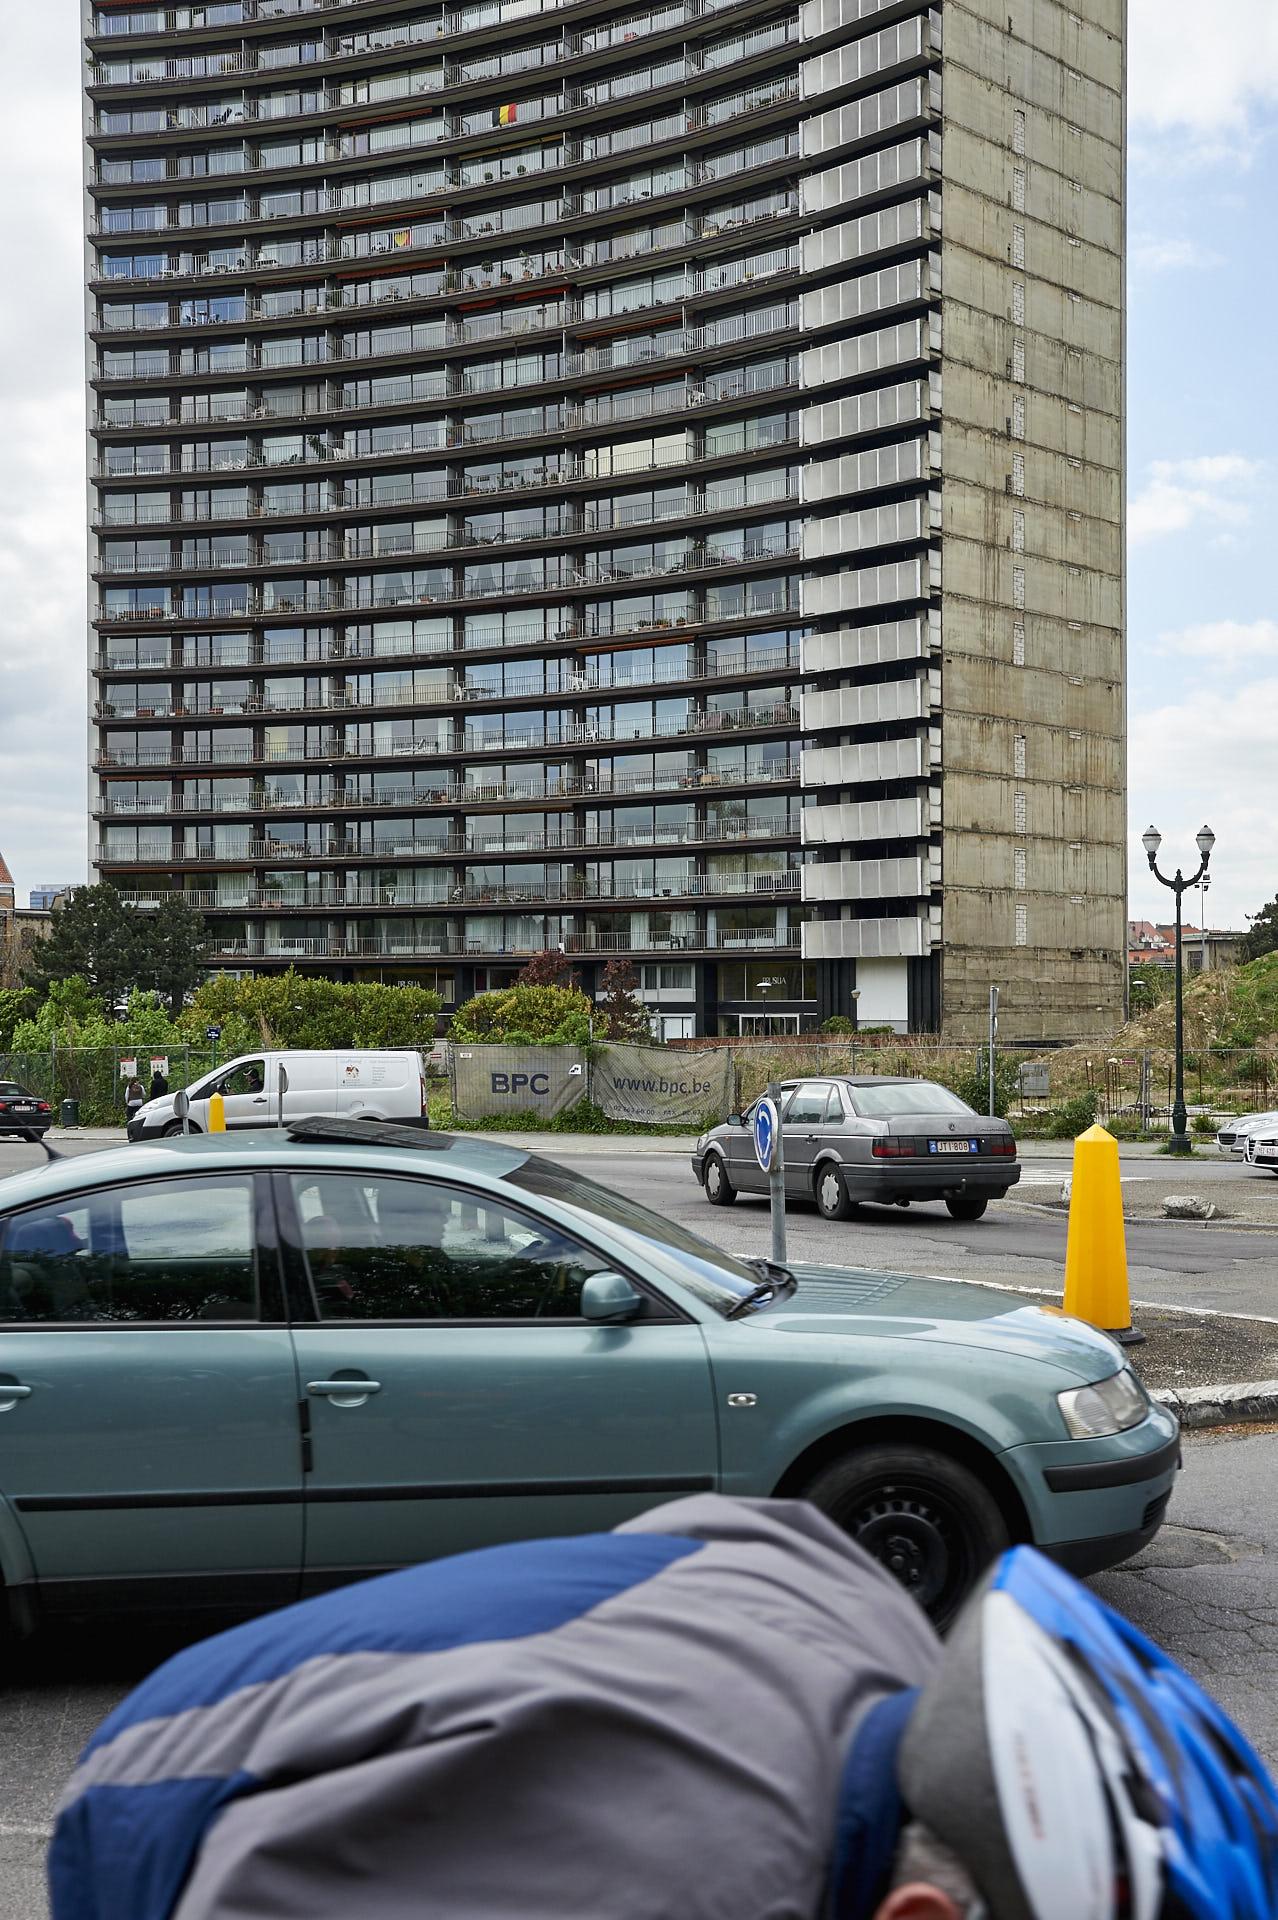 Schaerbeek, Brussel, rotonde, verkeer, flat, appartementen